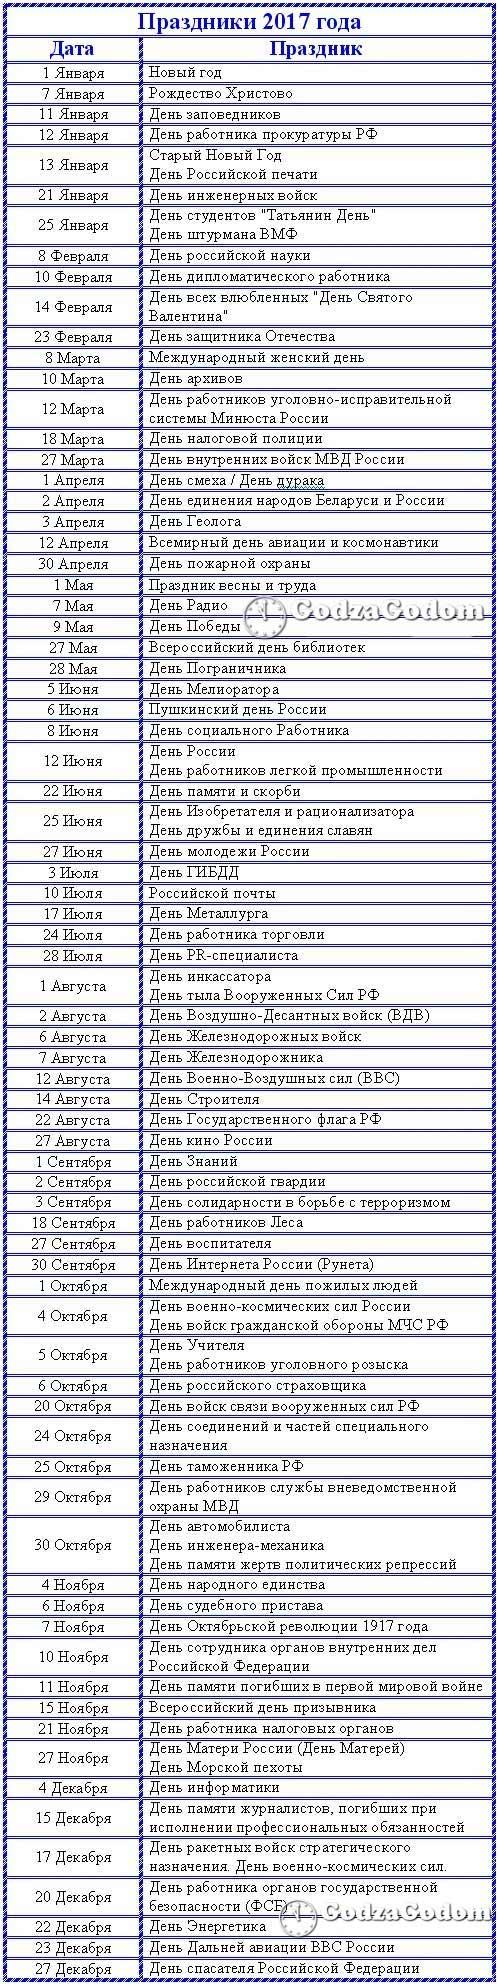 Календарь праздников 2017 года для России